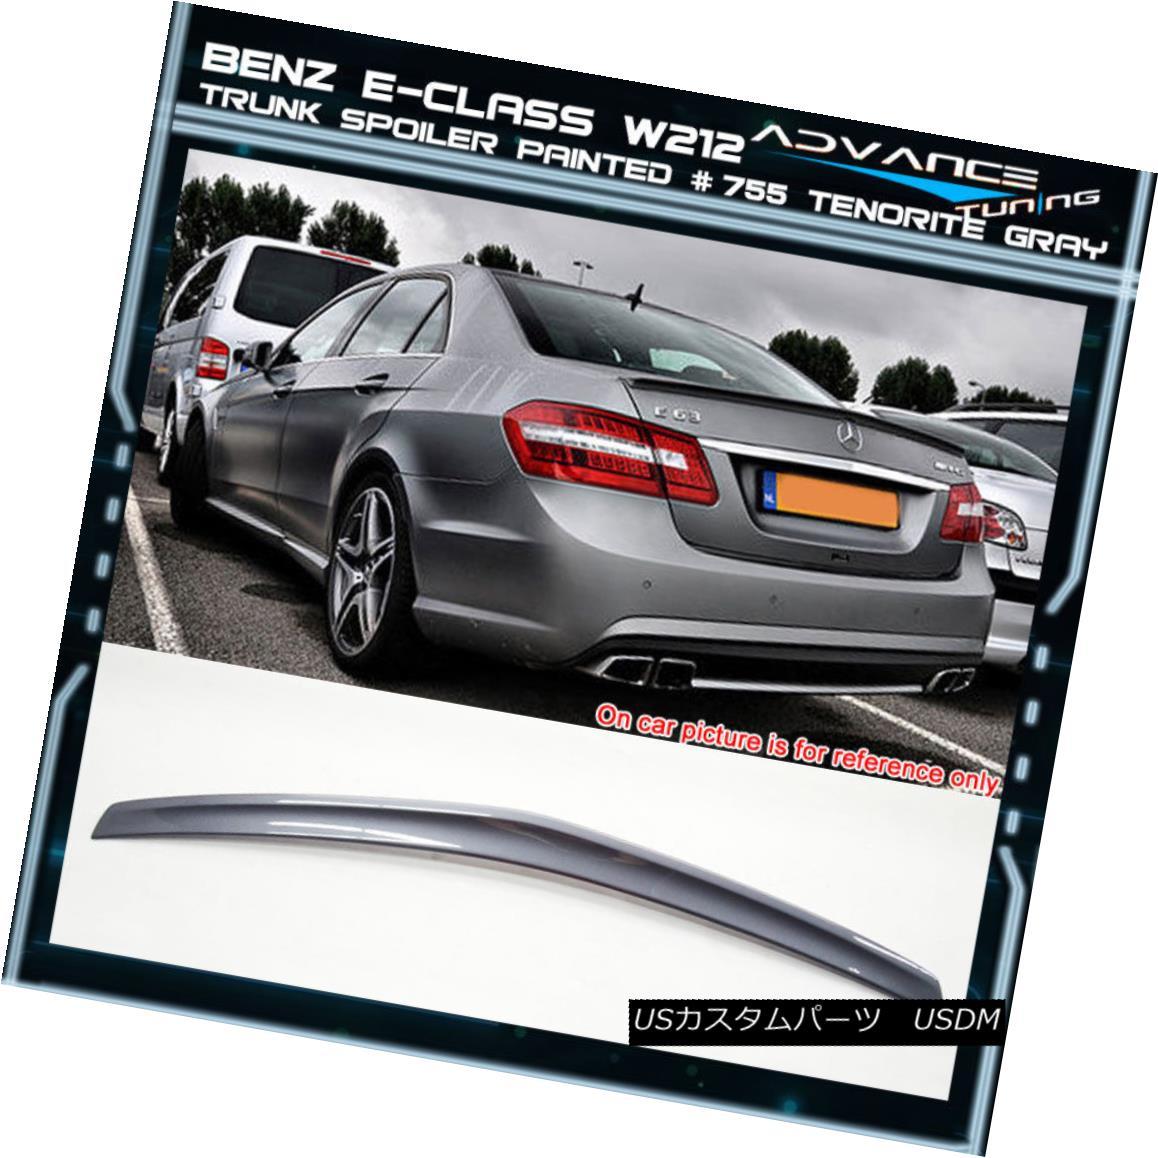 エアロパーツ 10-16 Benz E-Class W212 4Dr Trunk Spoiler OEM Painted Color # 755 Tenorite Gray 10-16ベンツEクラスW212 4Drトランク・スポイラーOEM塗装カラー#755テノライト・グレー